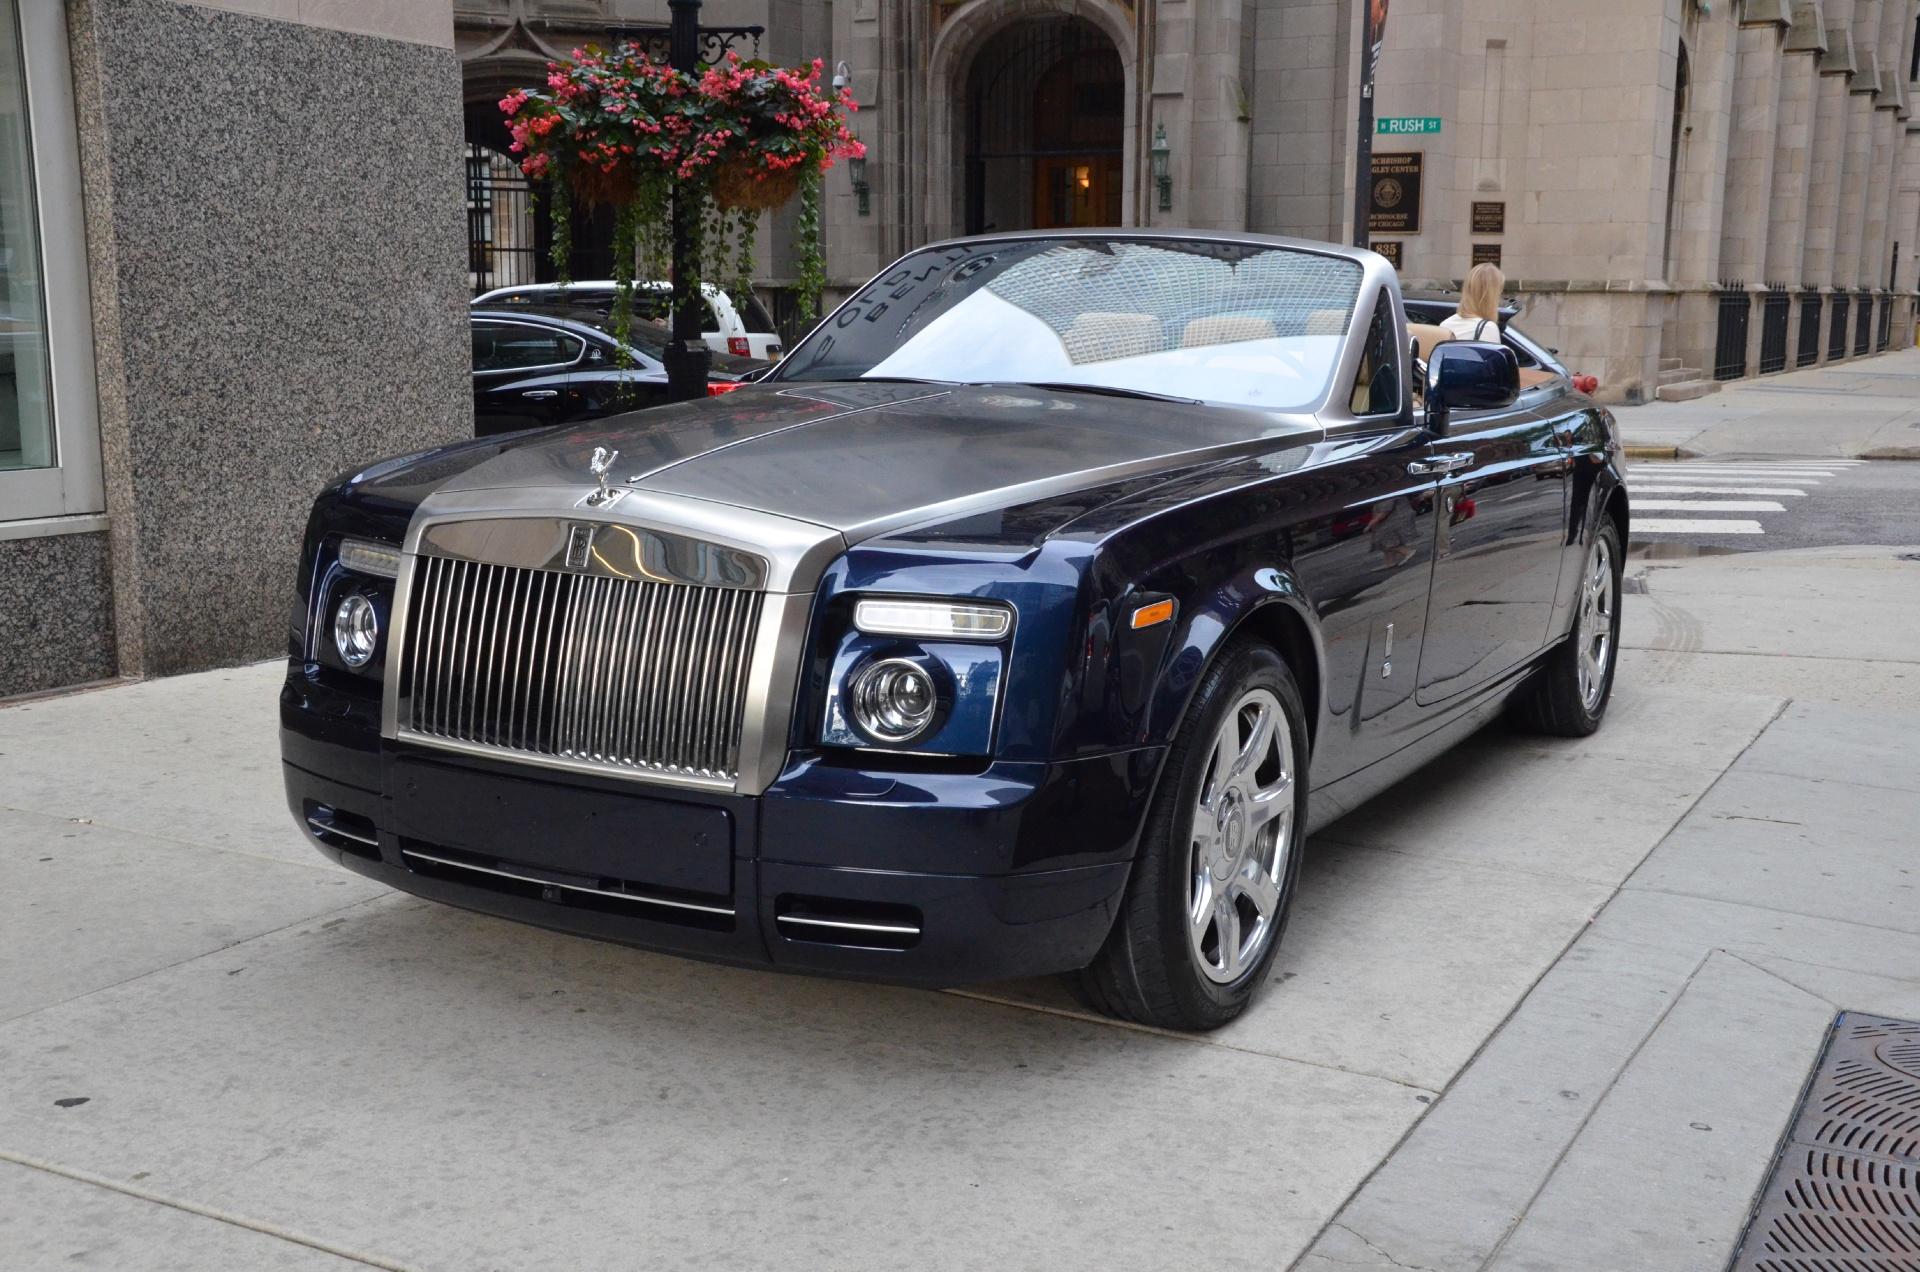 2010 rolls royce phantom drophead coupe stock gc1351ab - Rolls royce drophead coupe ...